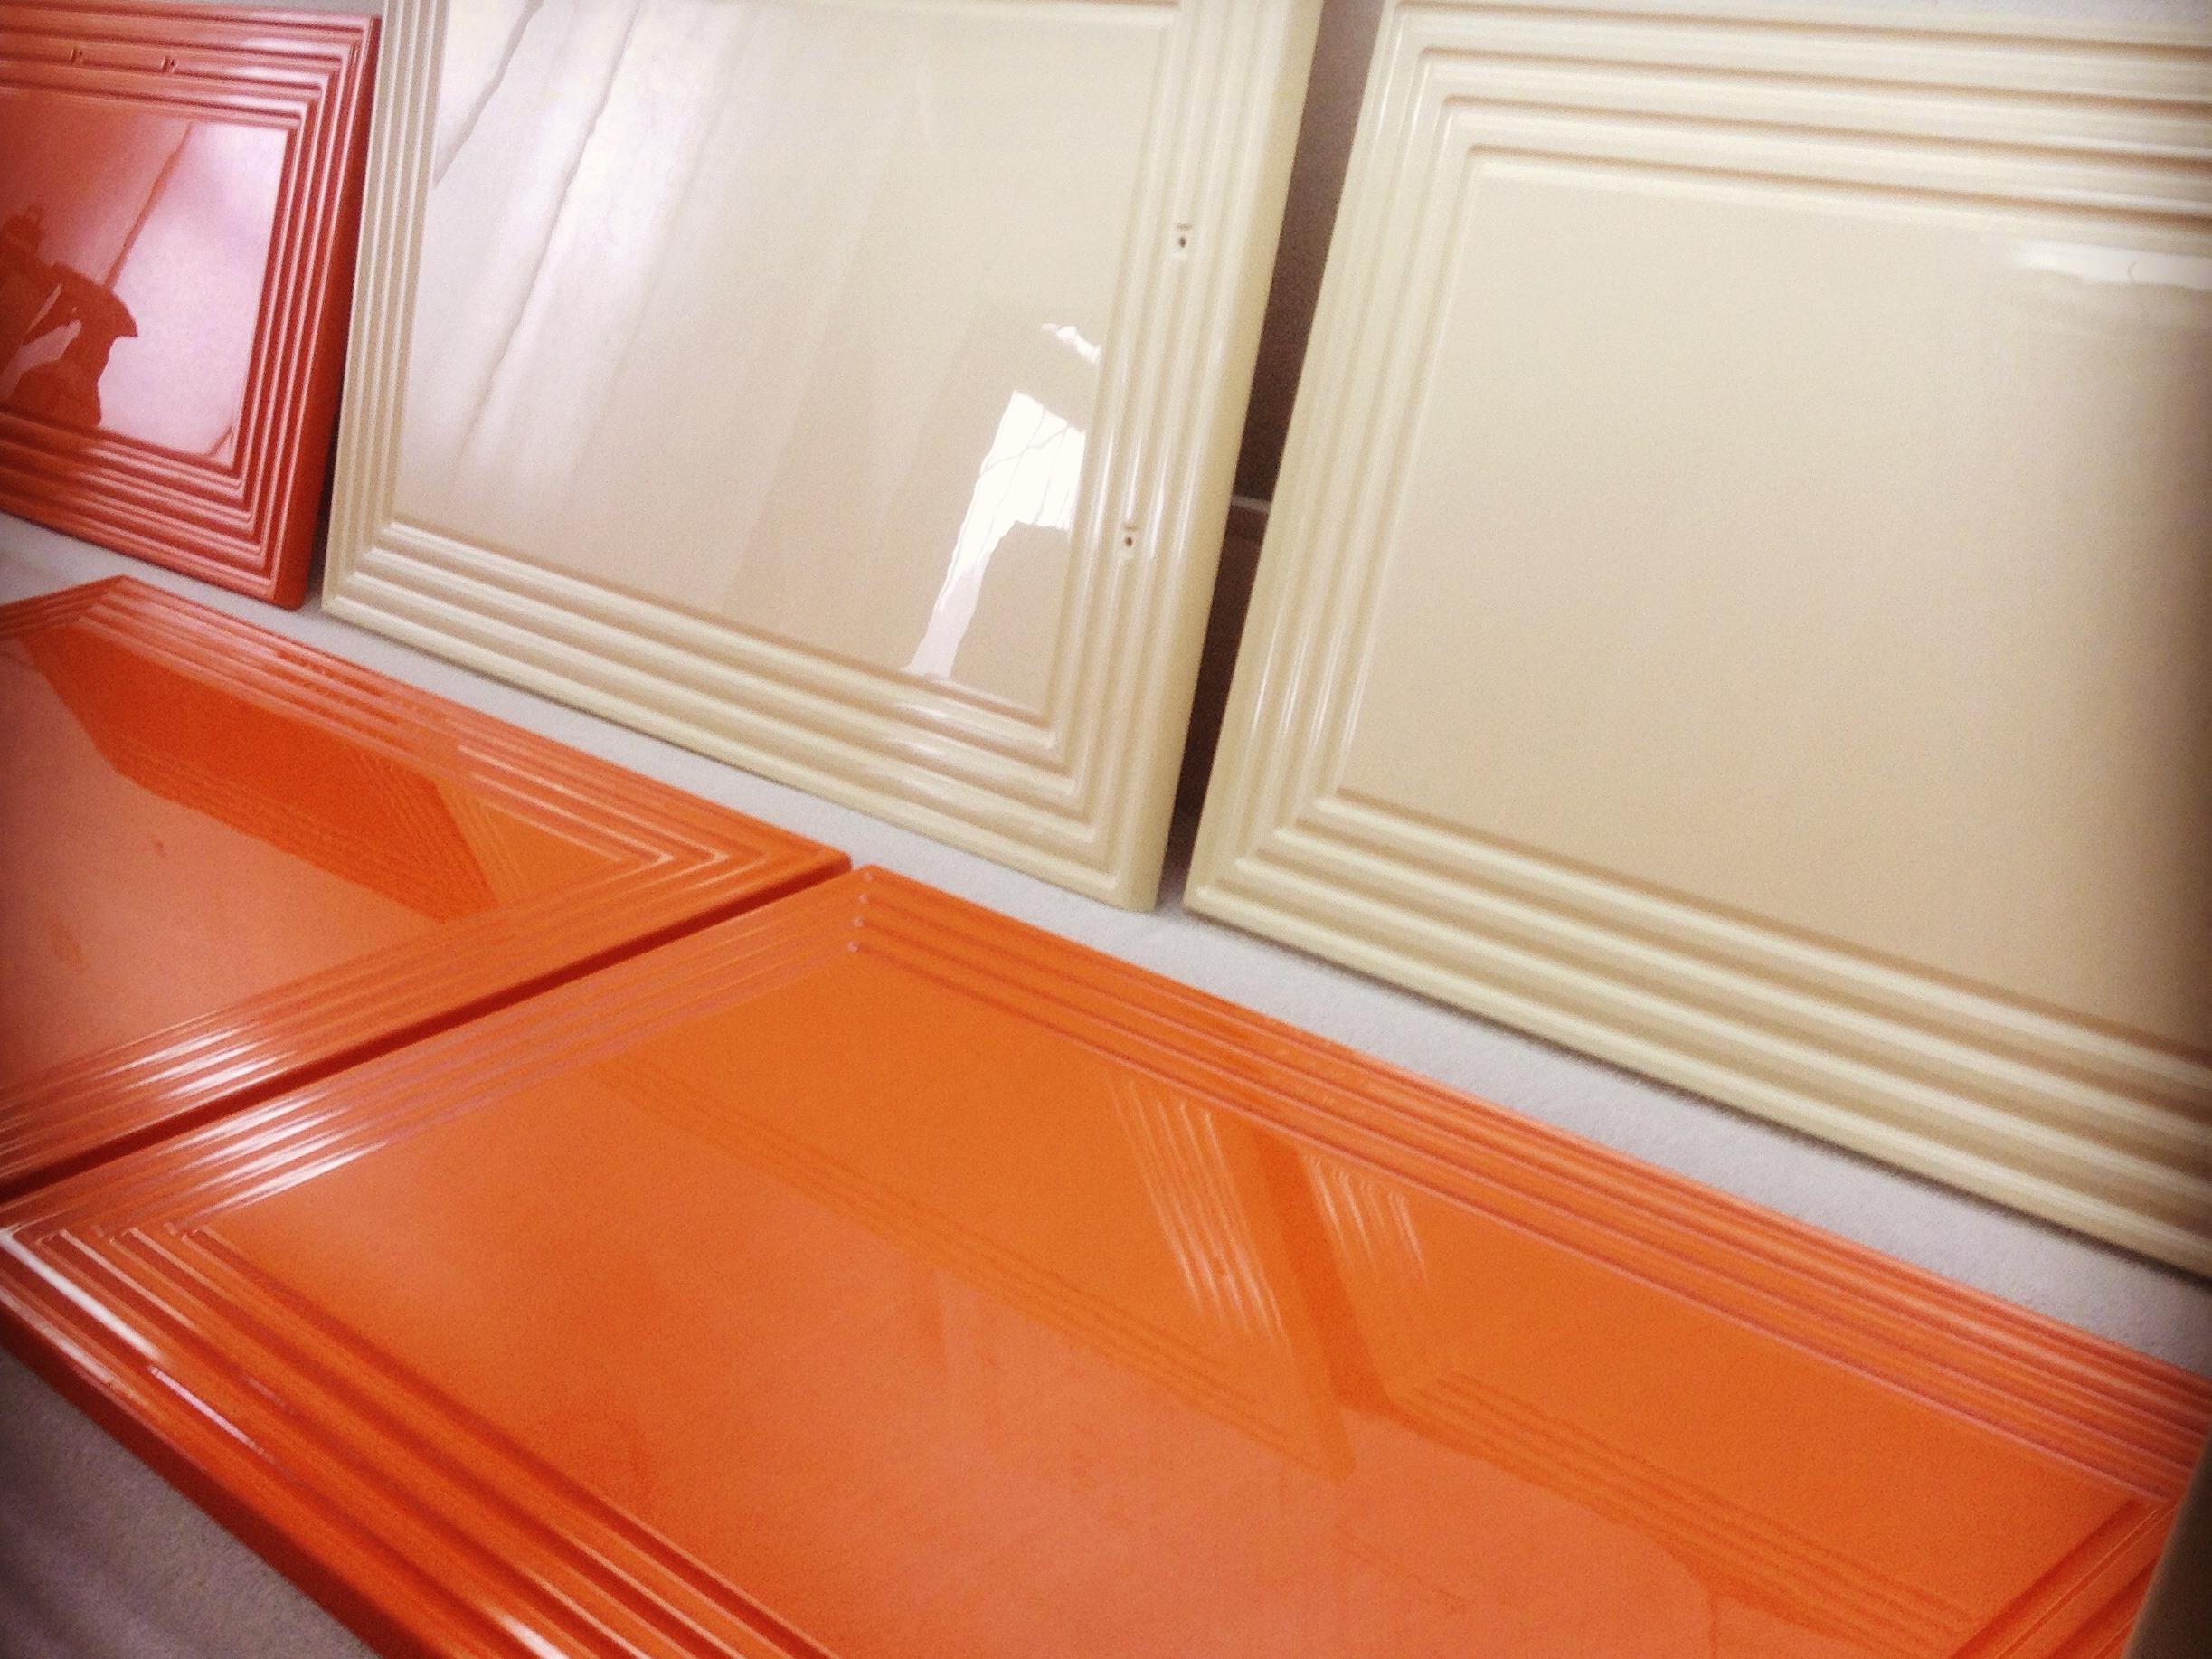 покраска кухонного гарнитура фото дизайн